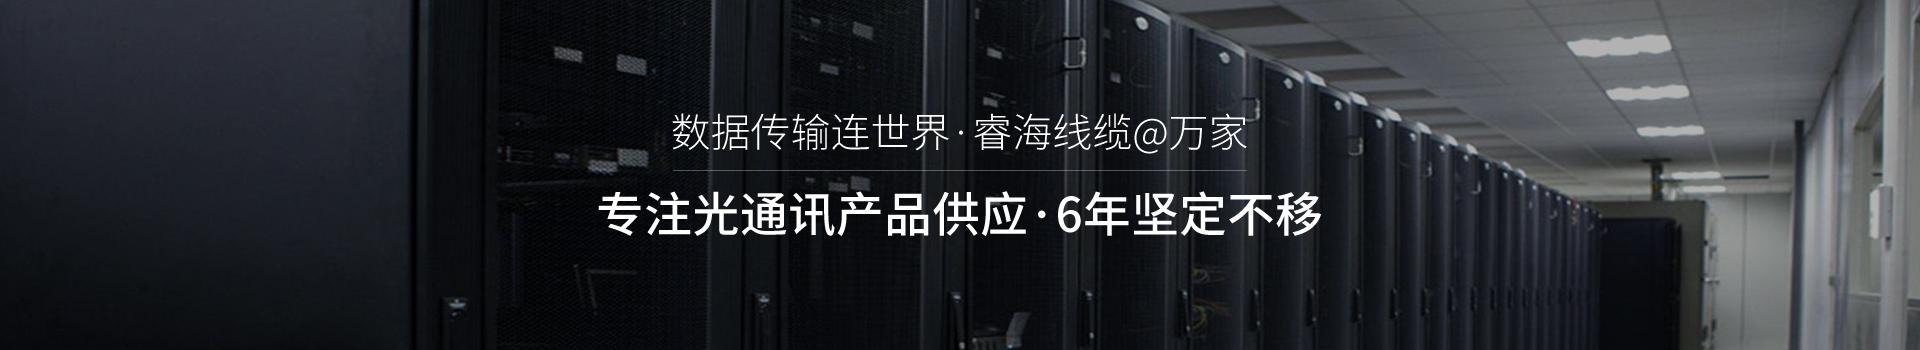 睿海光电-专注光通讯产品供应 14年坚定不移